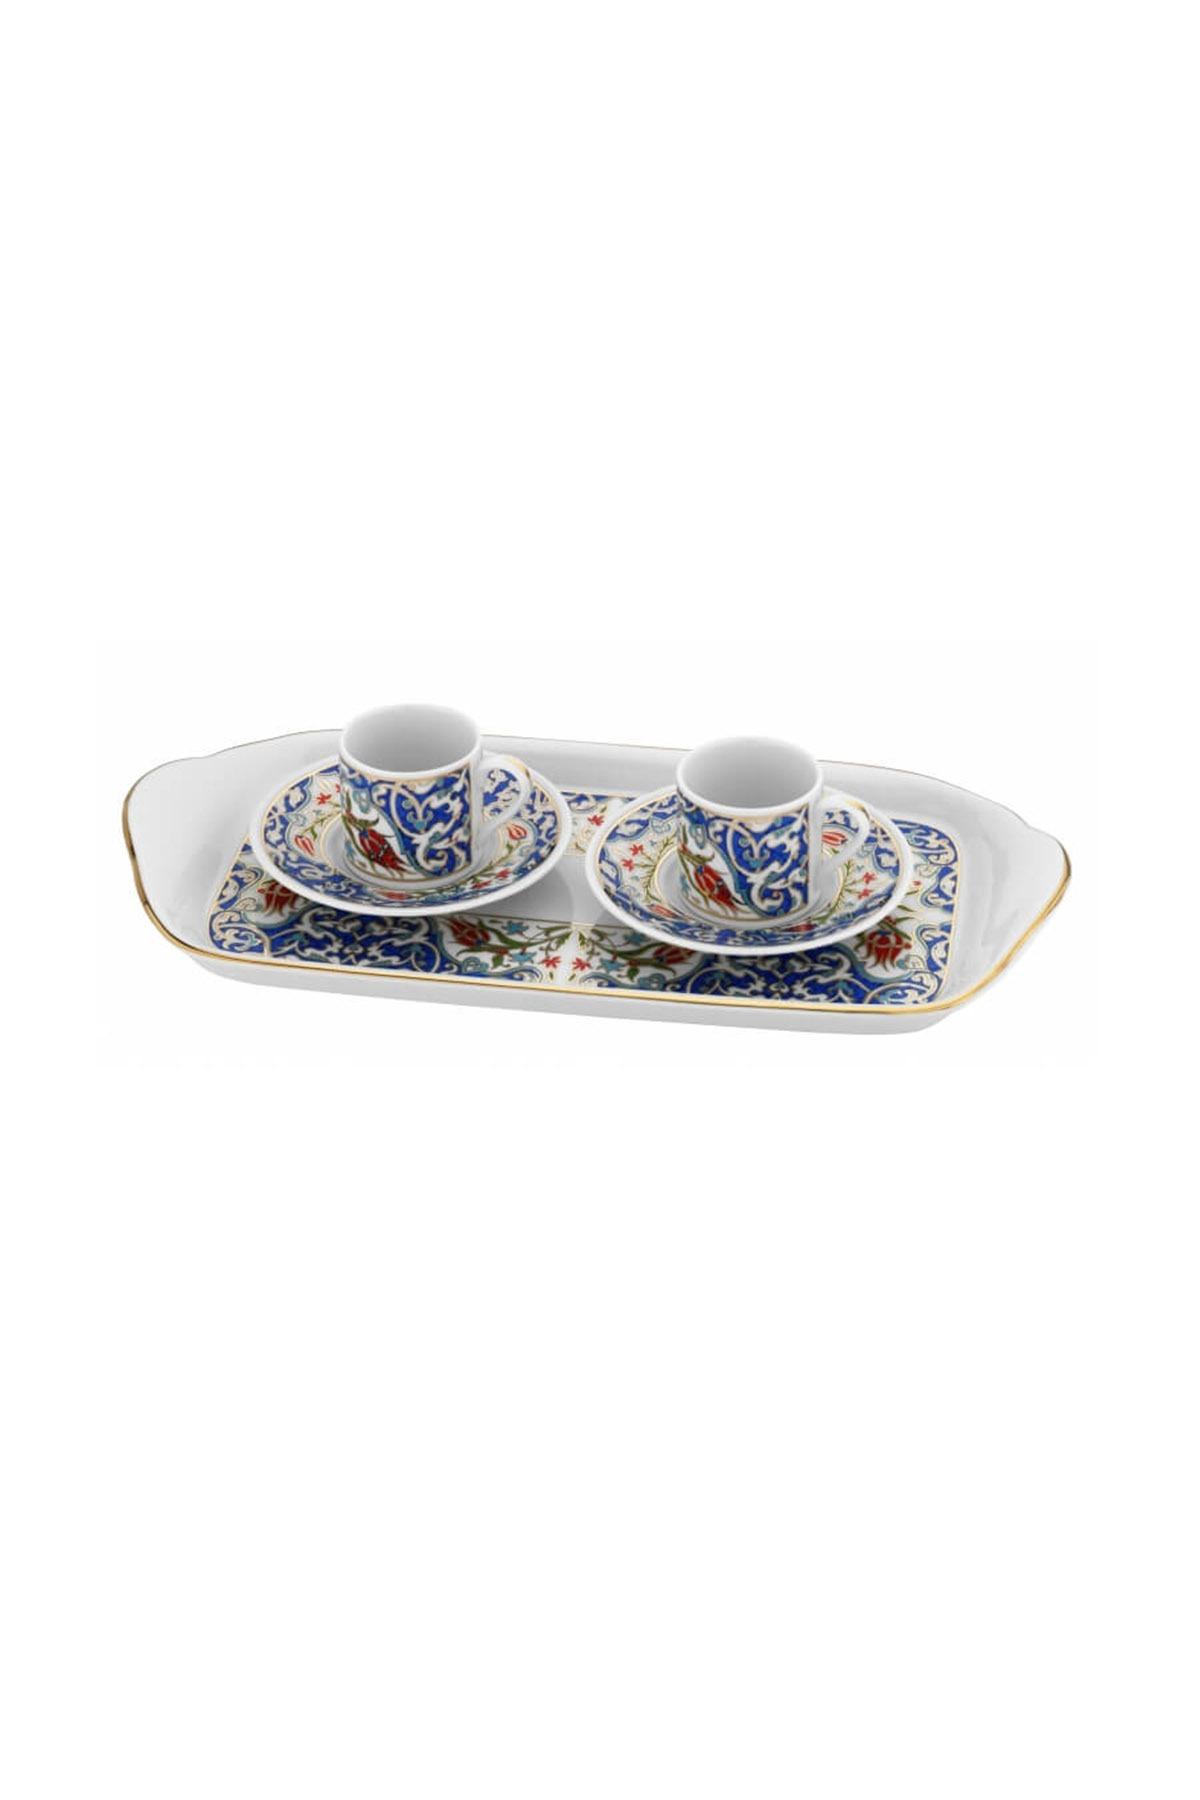 KÜTAHYA PORSELEN - Rüya İki Kişilik Tepsili Kahve Takımı Dekor No:3862